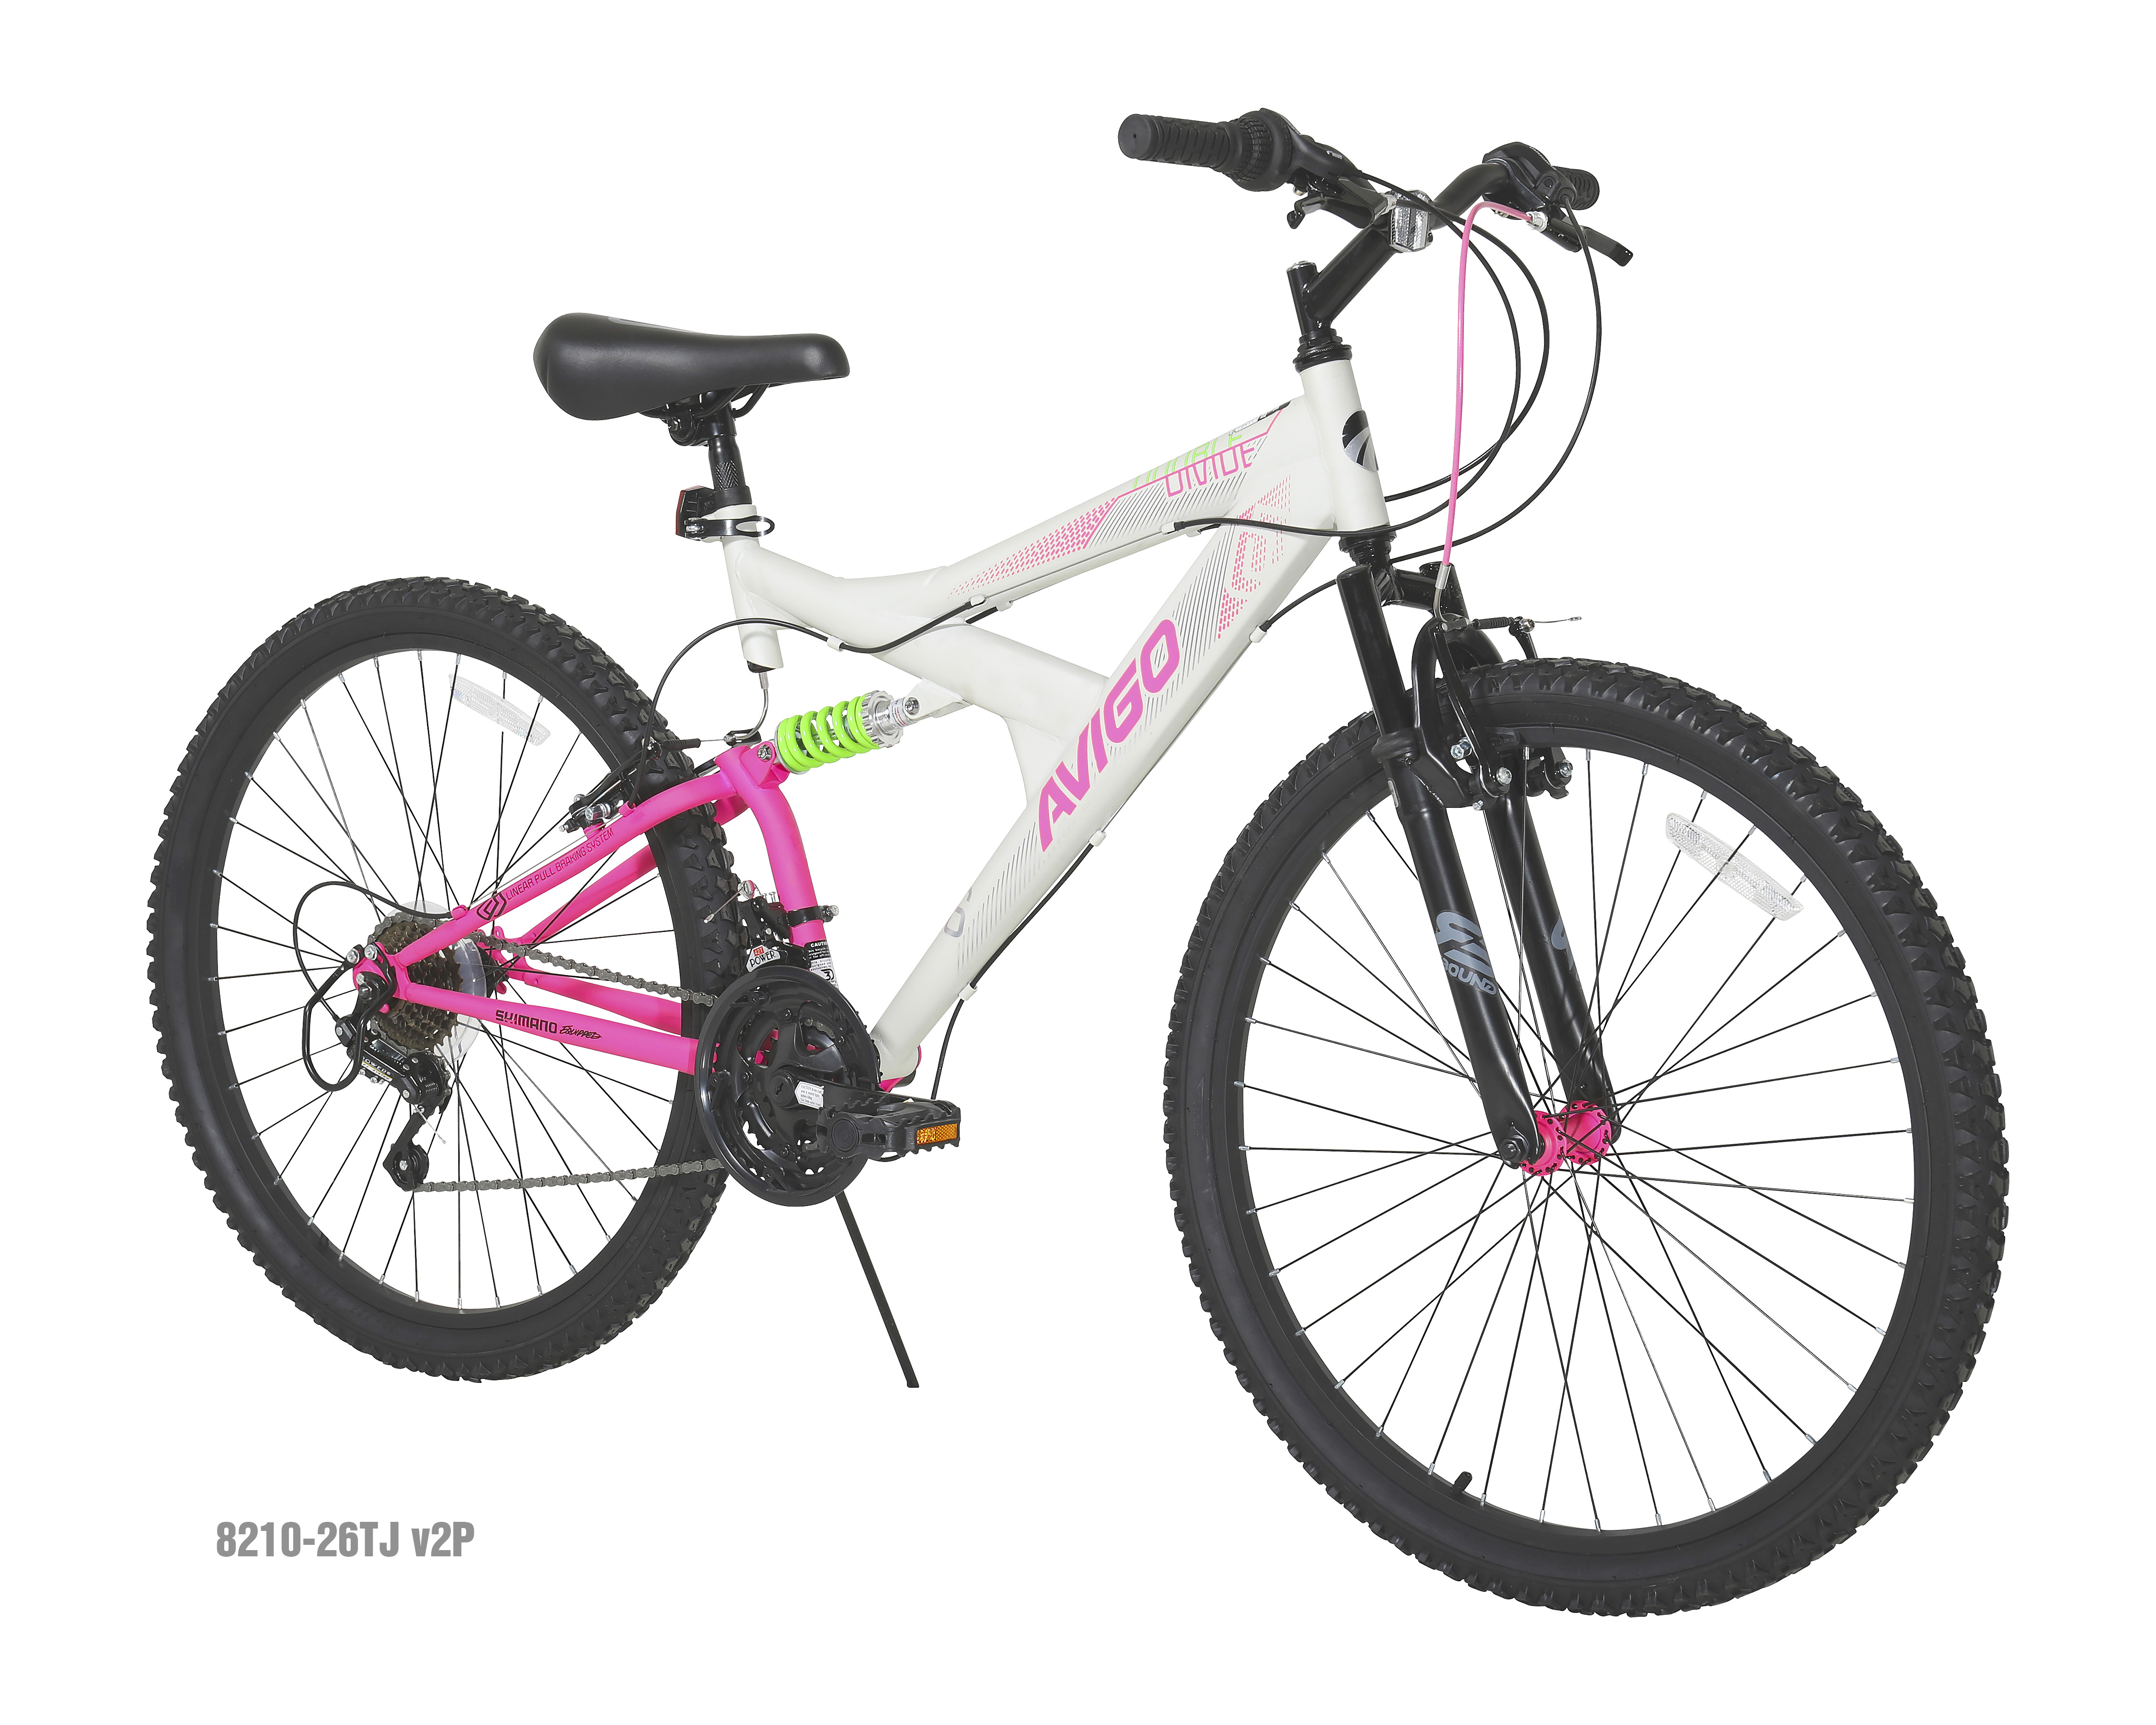 Dual Suspension Mountain Bikes Walmart >> Avigo Double Divide 26 Women S Dual Suspension Mountain